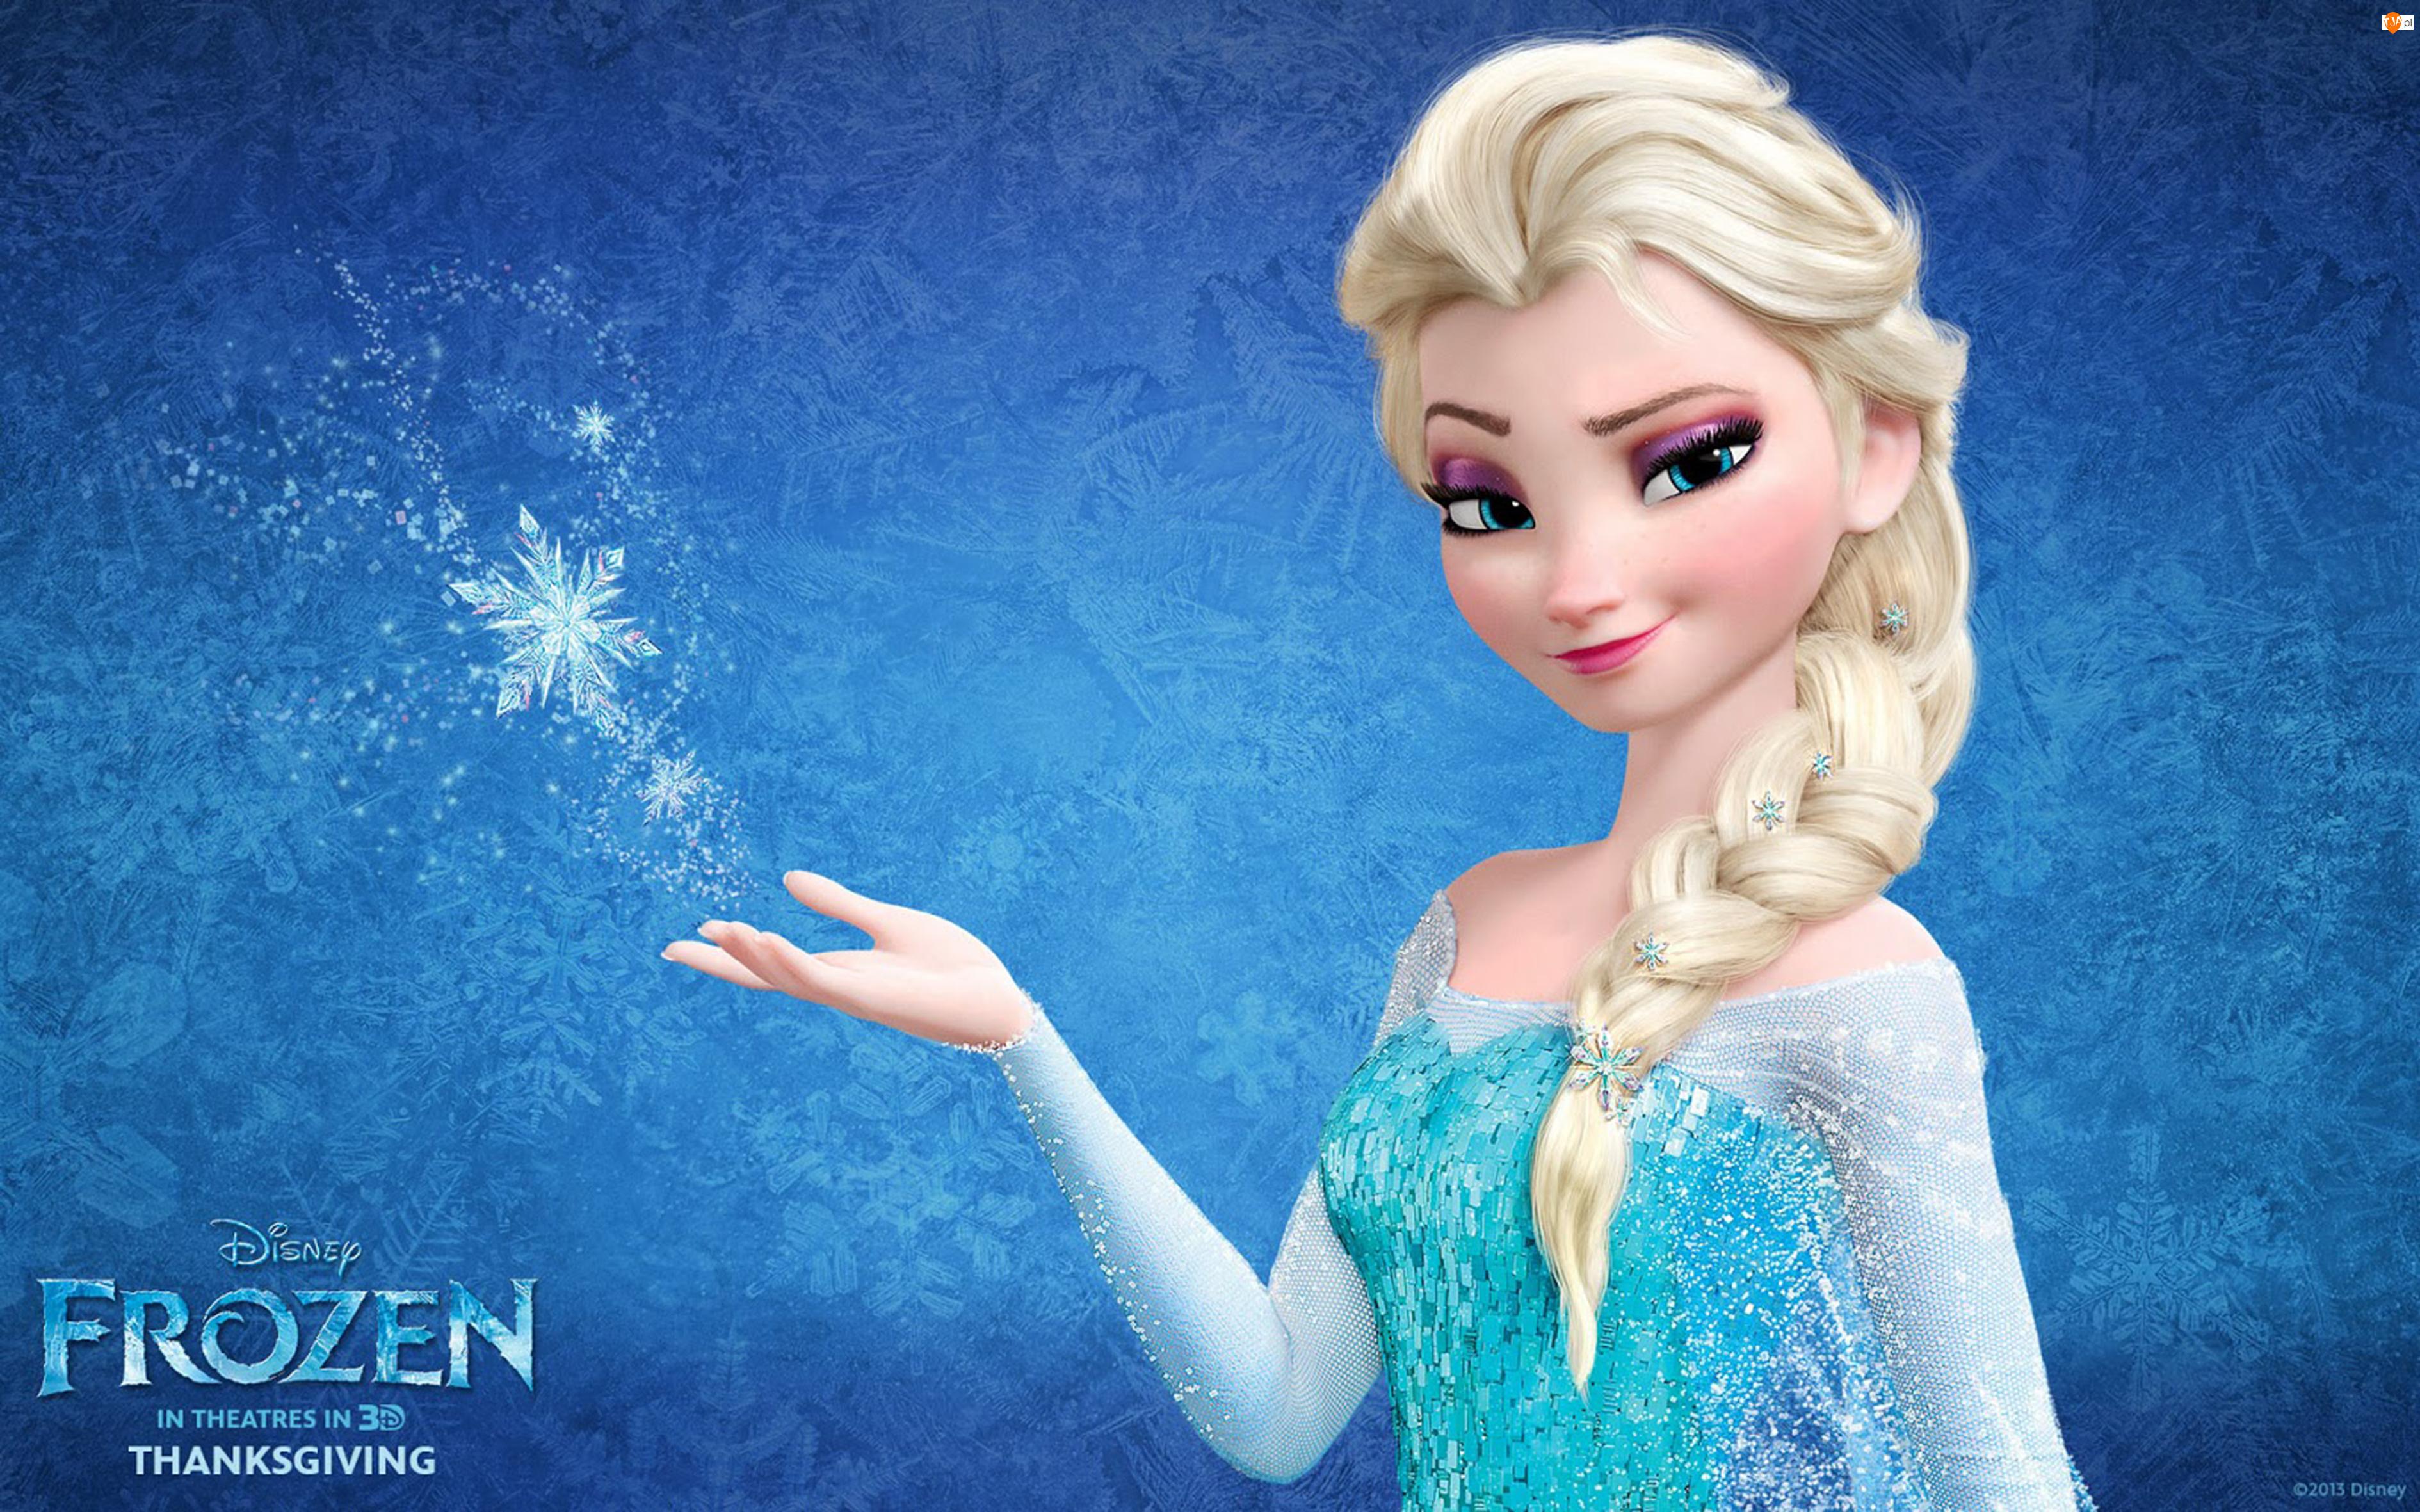 Elsa, Kraina lodu, Frozen, Księżniczka